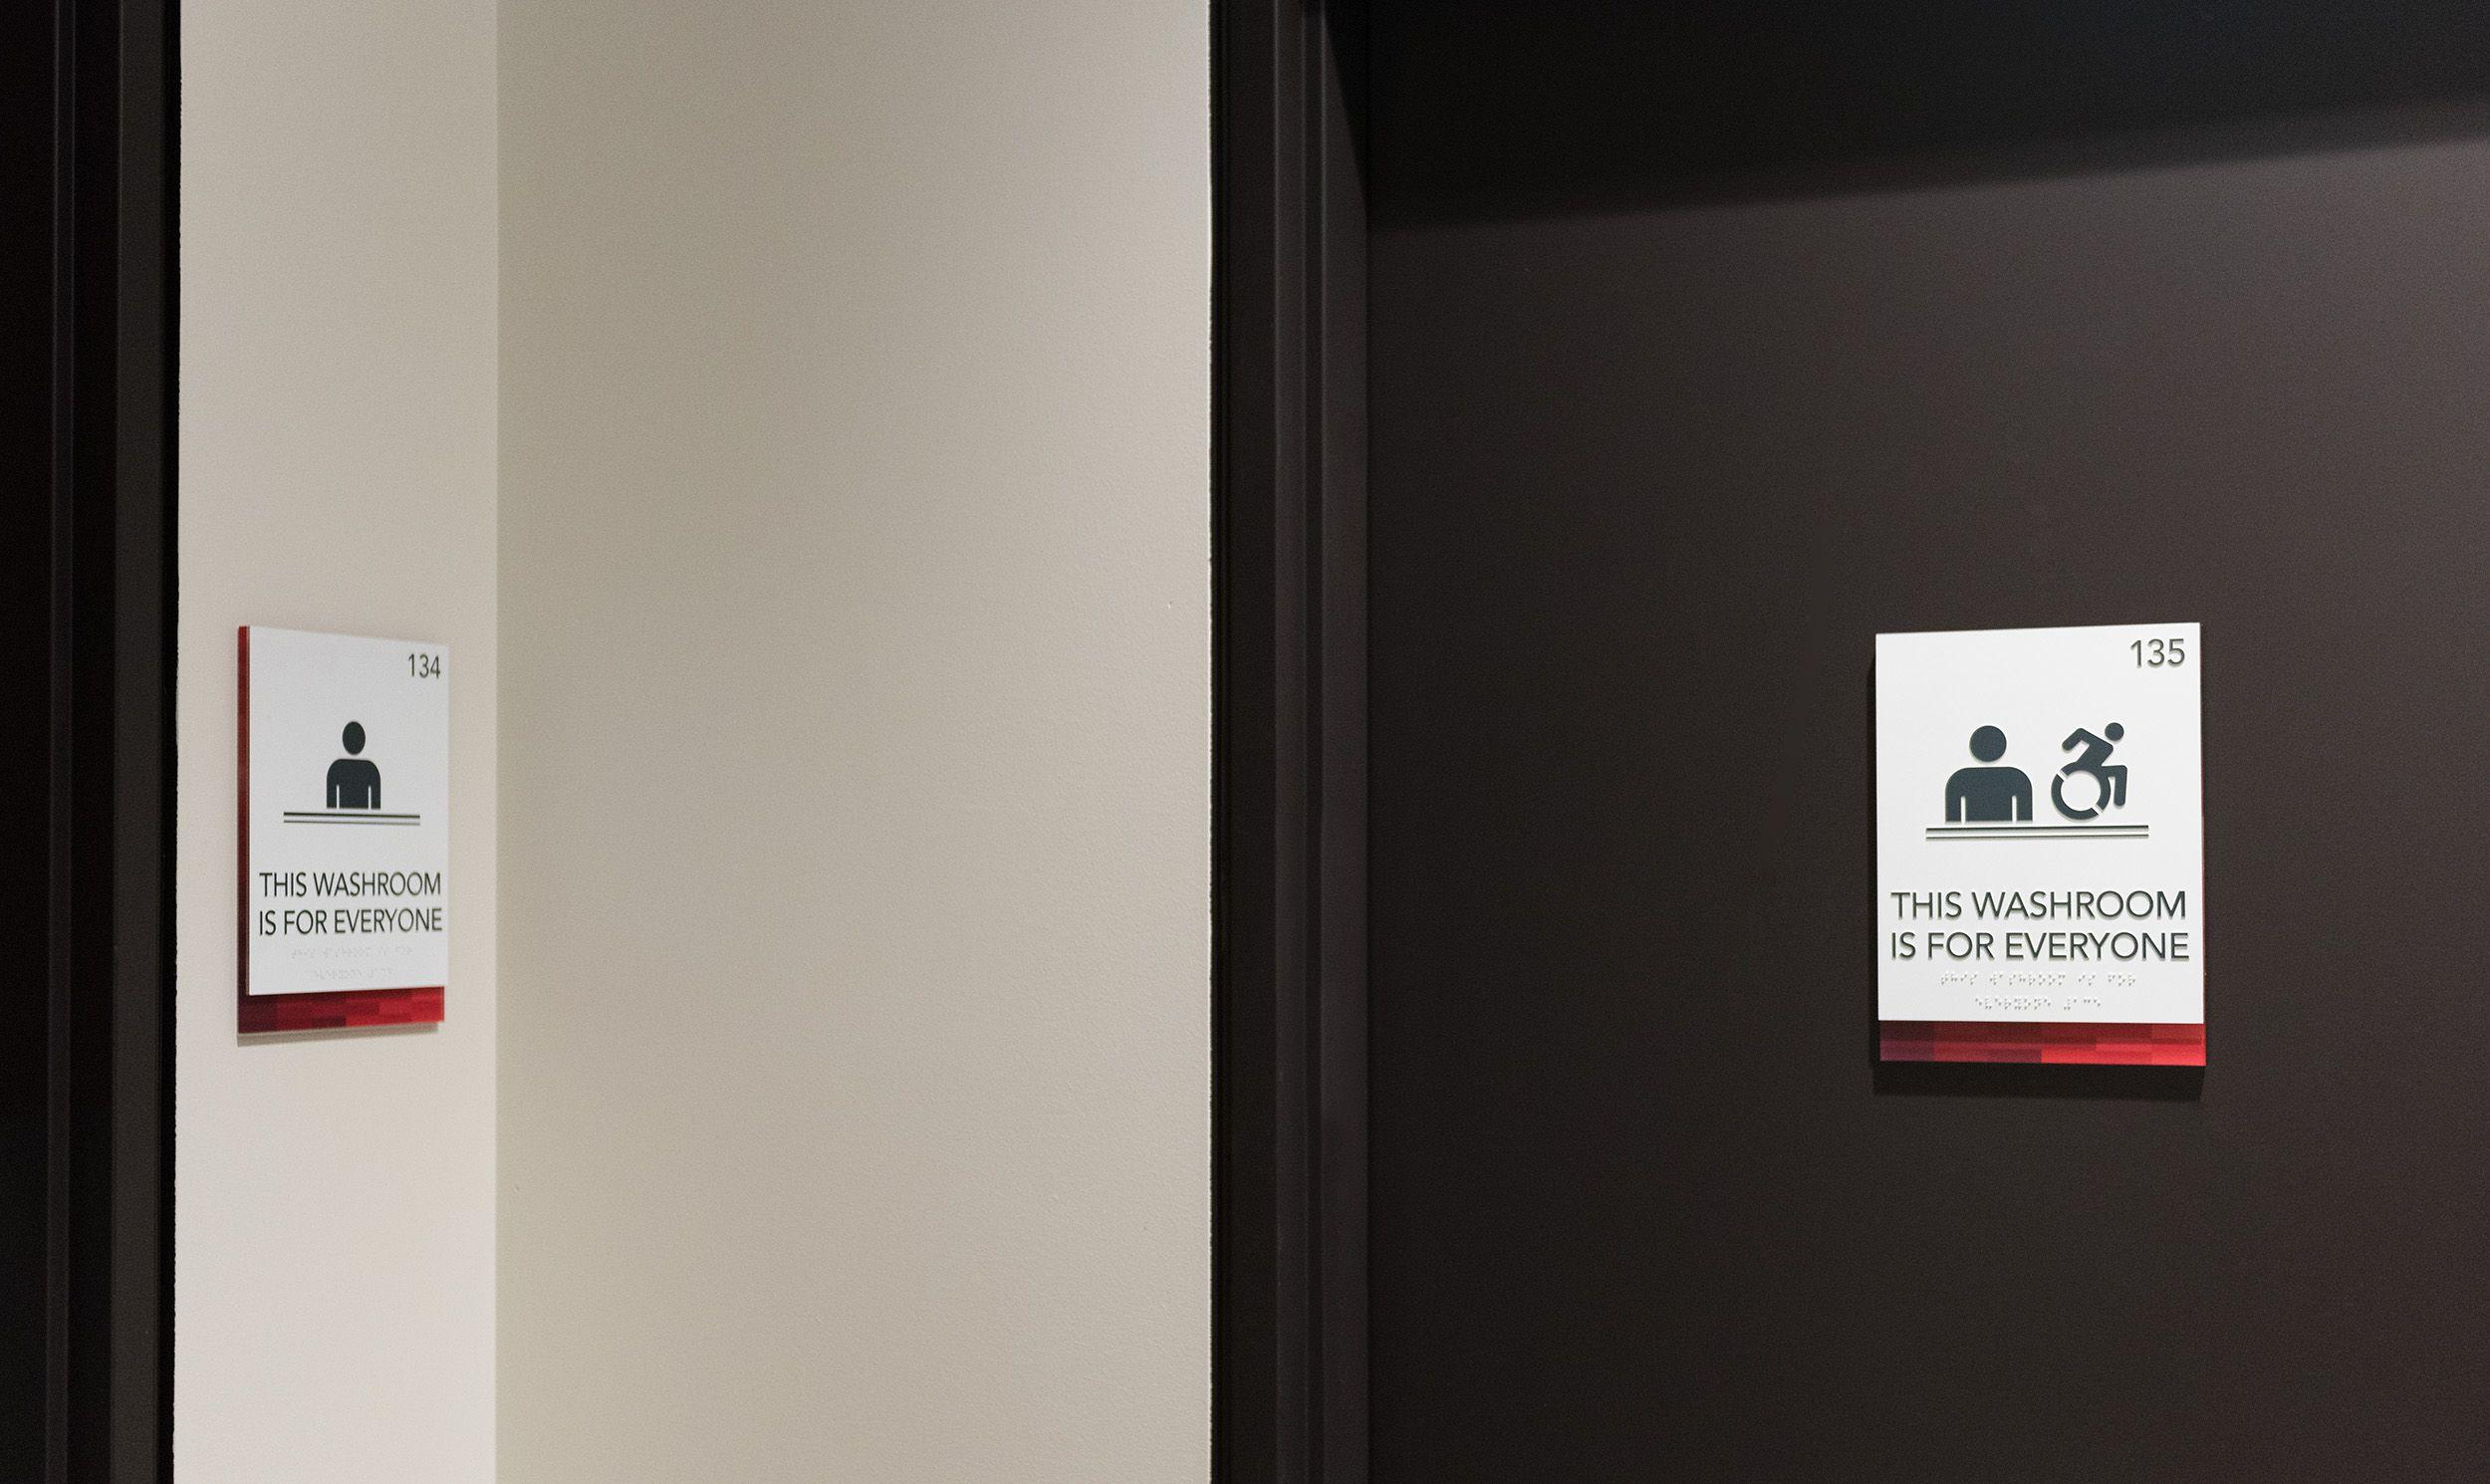 凯西之家导视系统设计©Entro